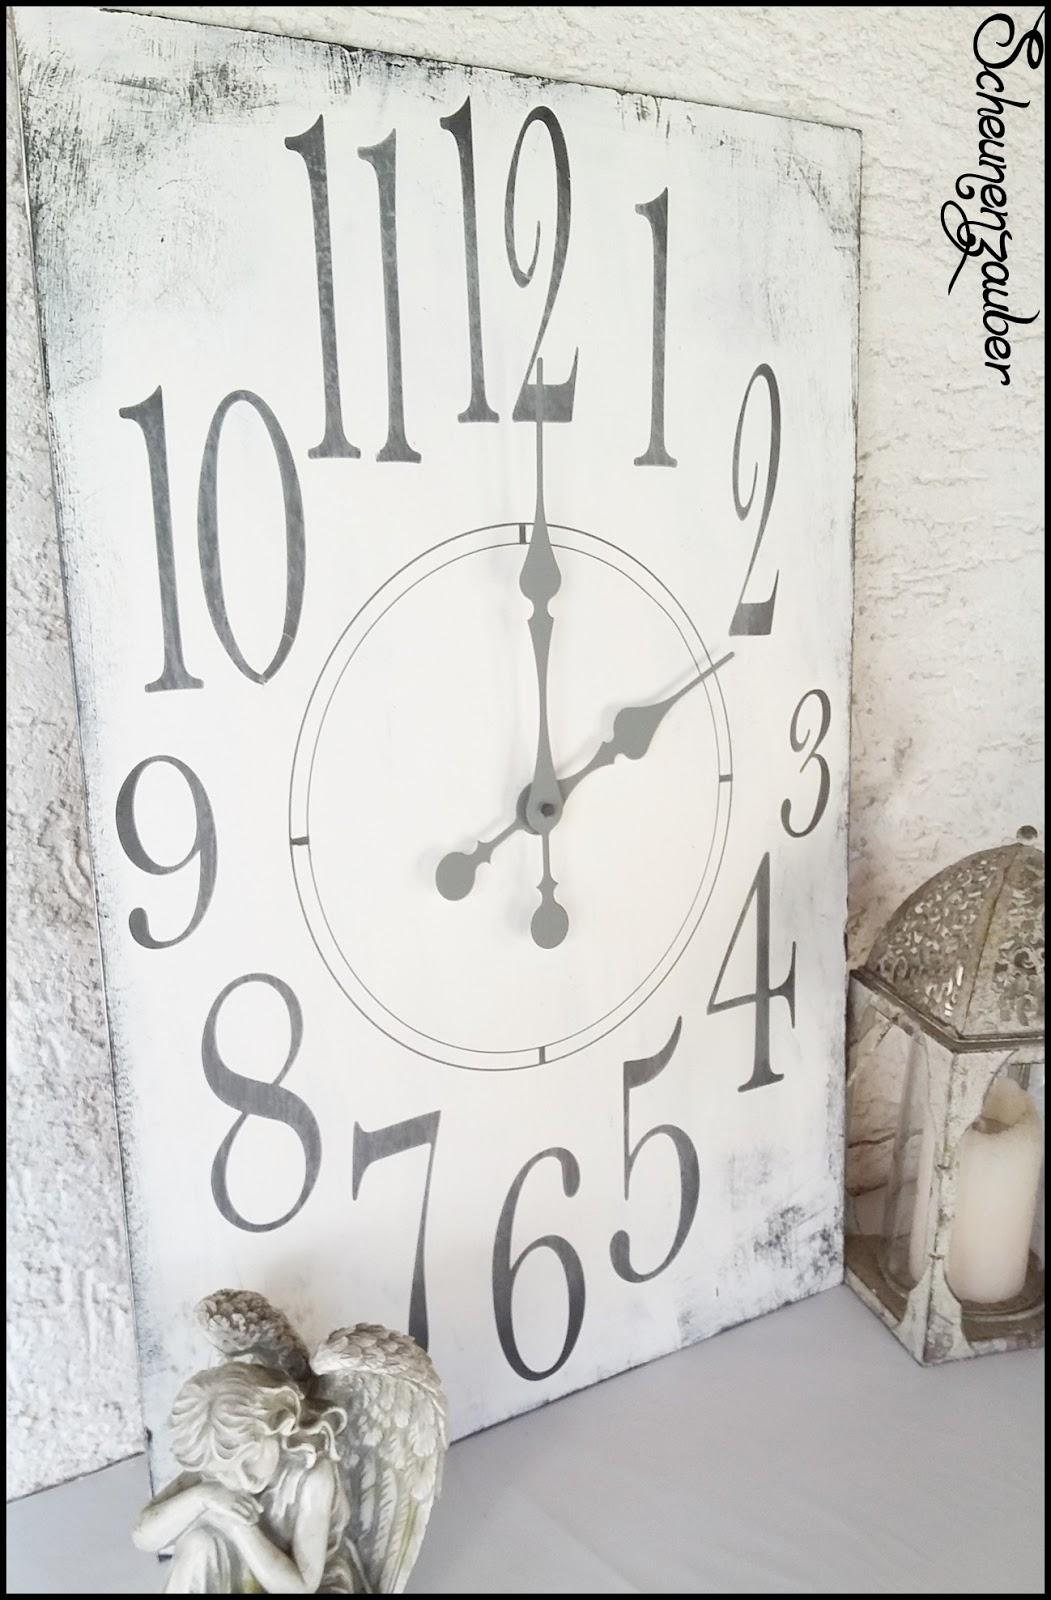 MDF (mitteldichte Holzfaserplatte) 45 Cm X 60 Cm   3 Mm Stark ♥ Extra Große  Zeiger In Der Farbe Grau   Ein Uhrwerk Ist Dabei